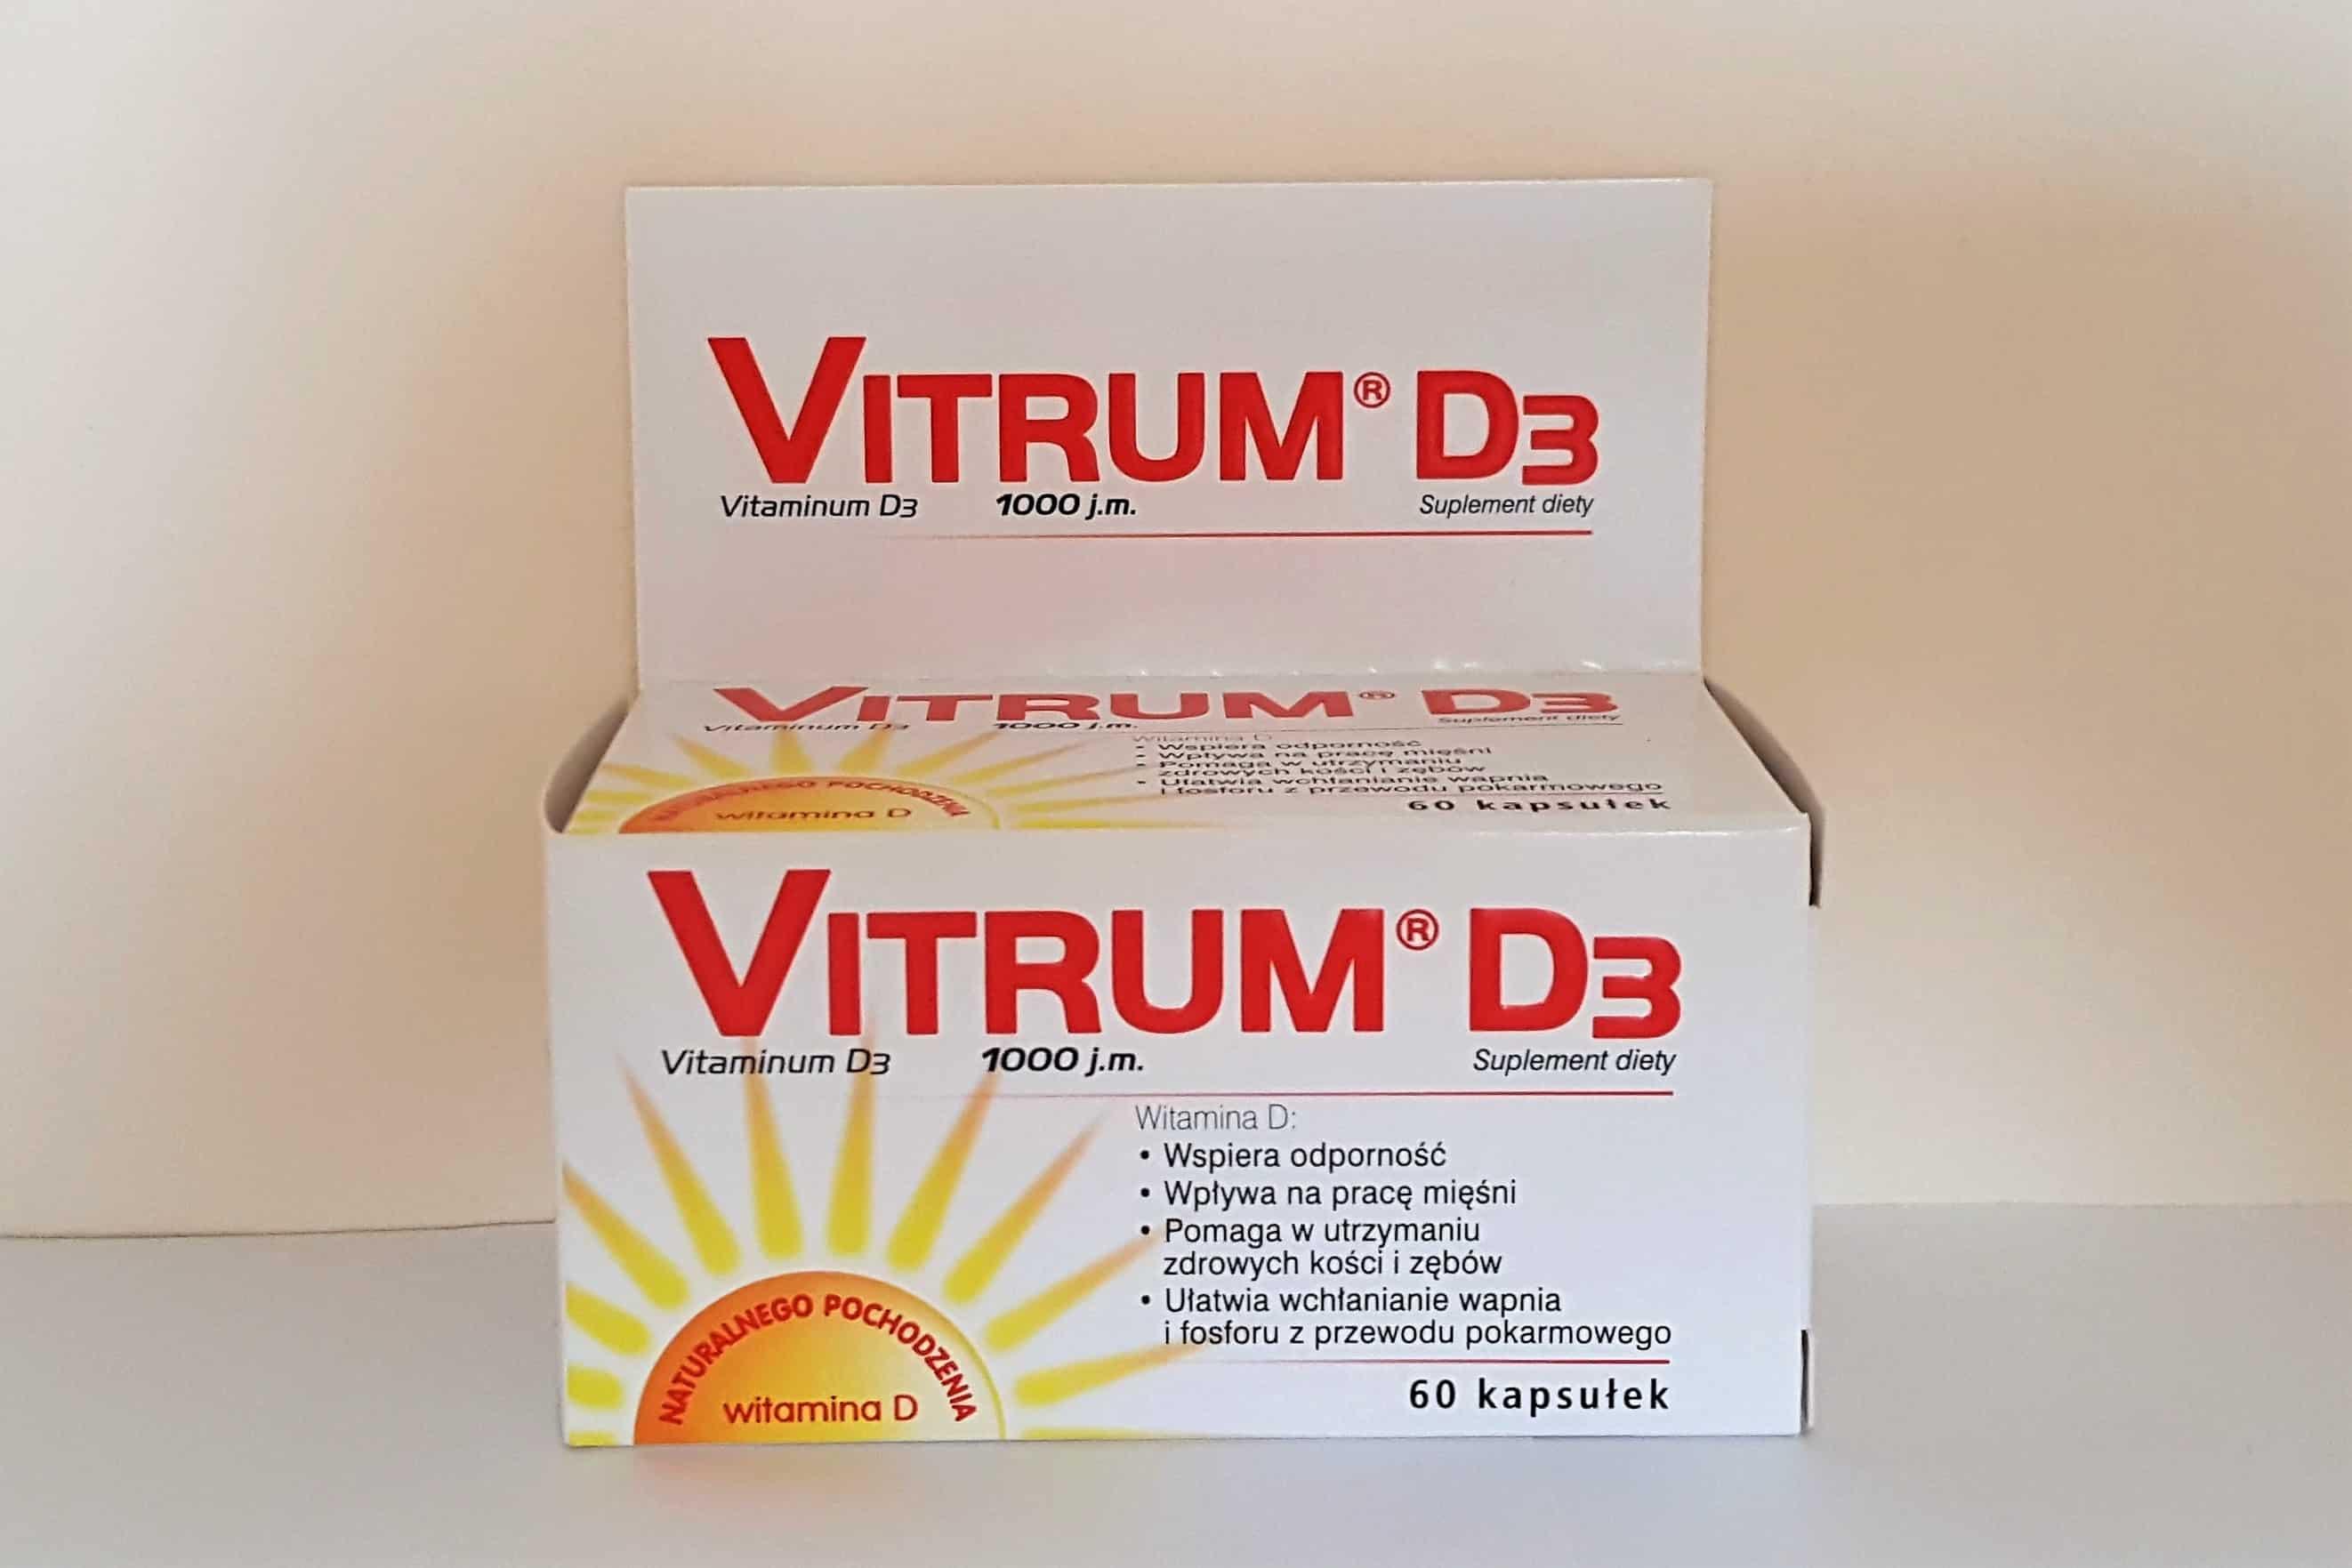 Vitrum D3 1000 j.m., witamina D, kapsułki Matka Aptekarka